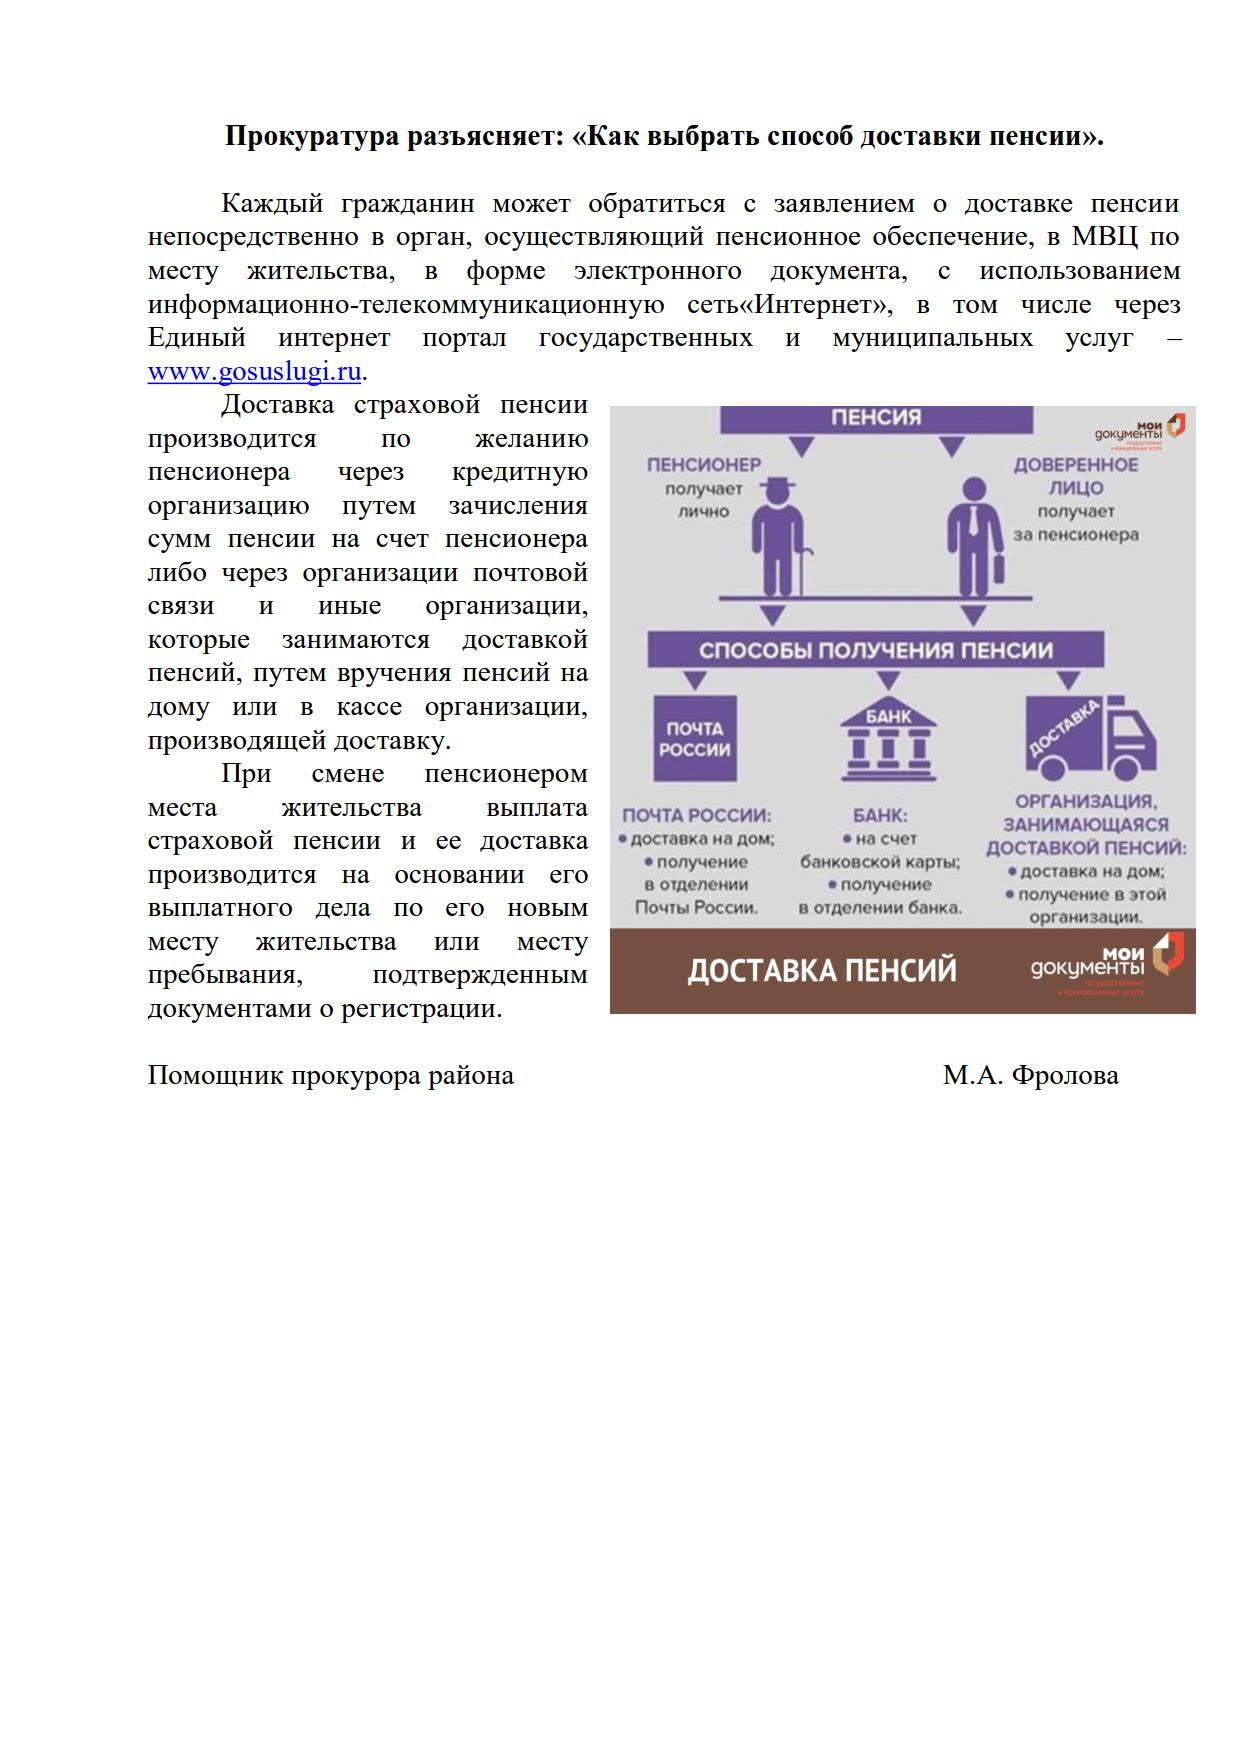 08.11.2019 Доставка пенсии_1